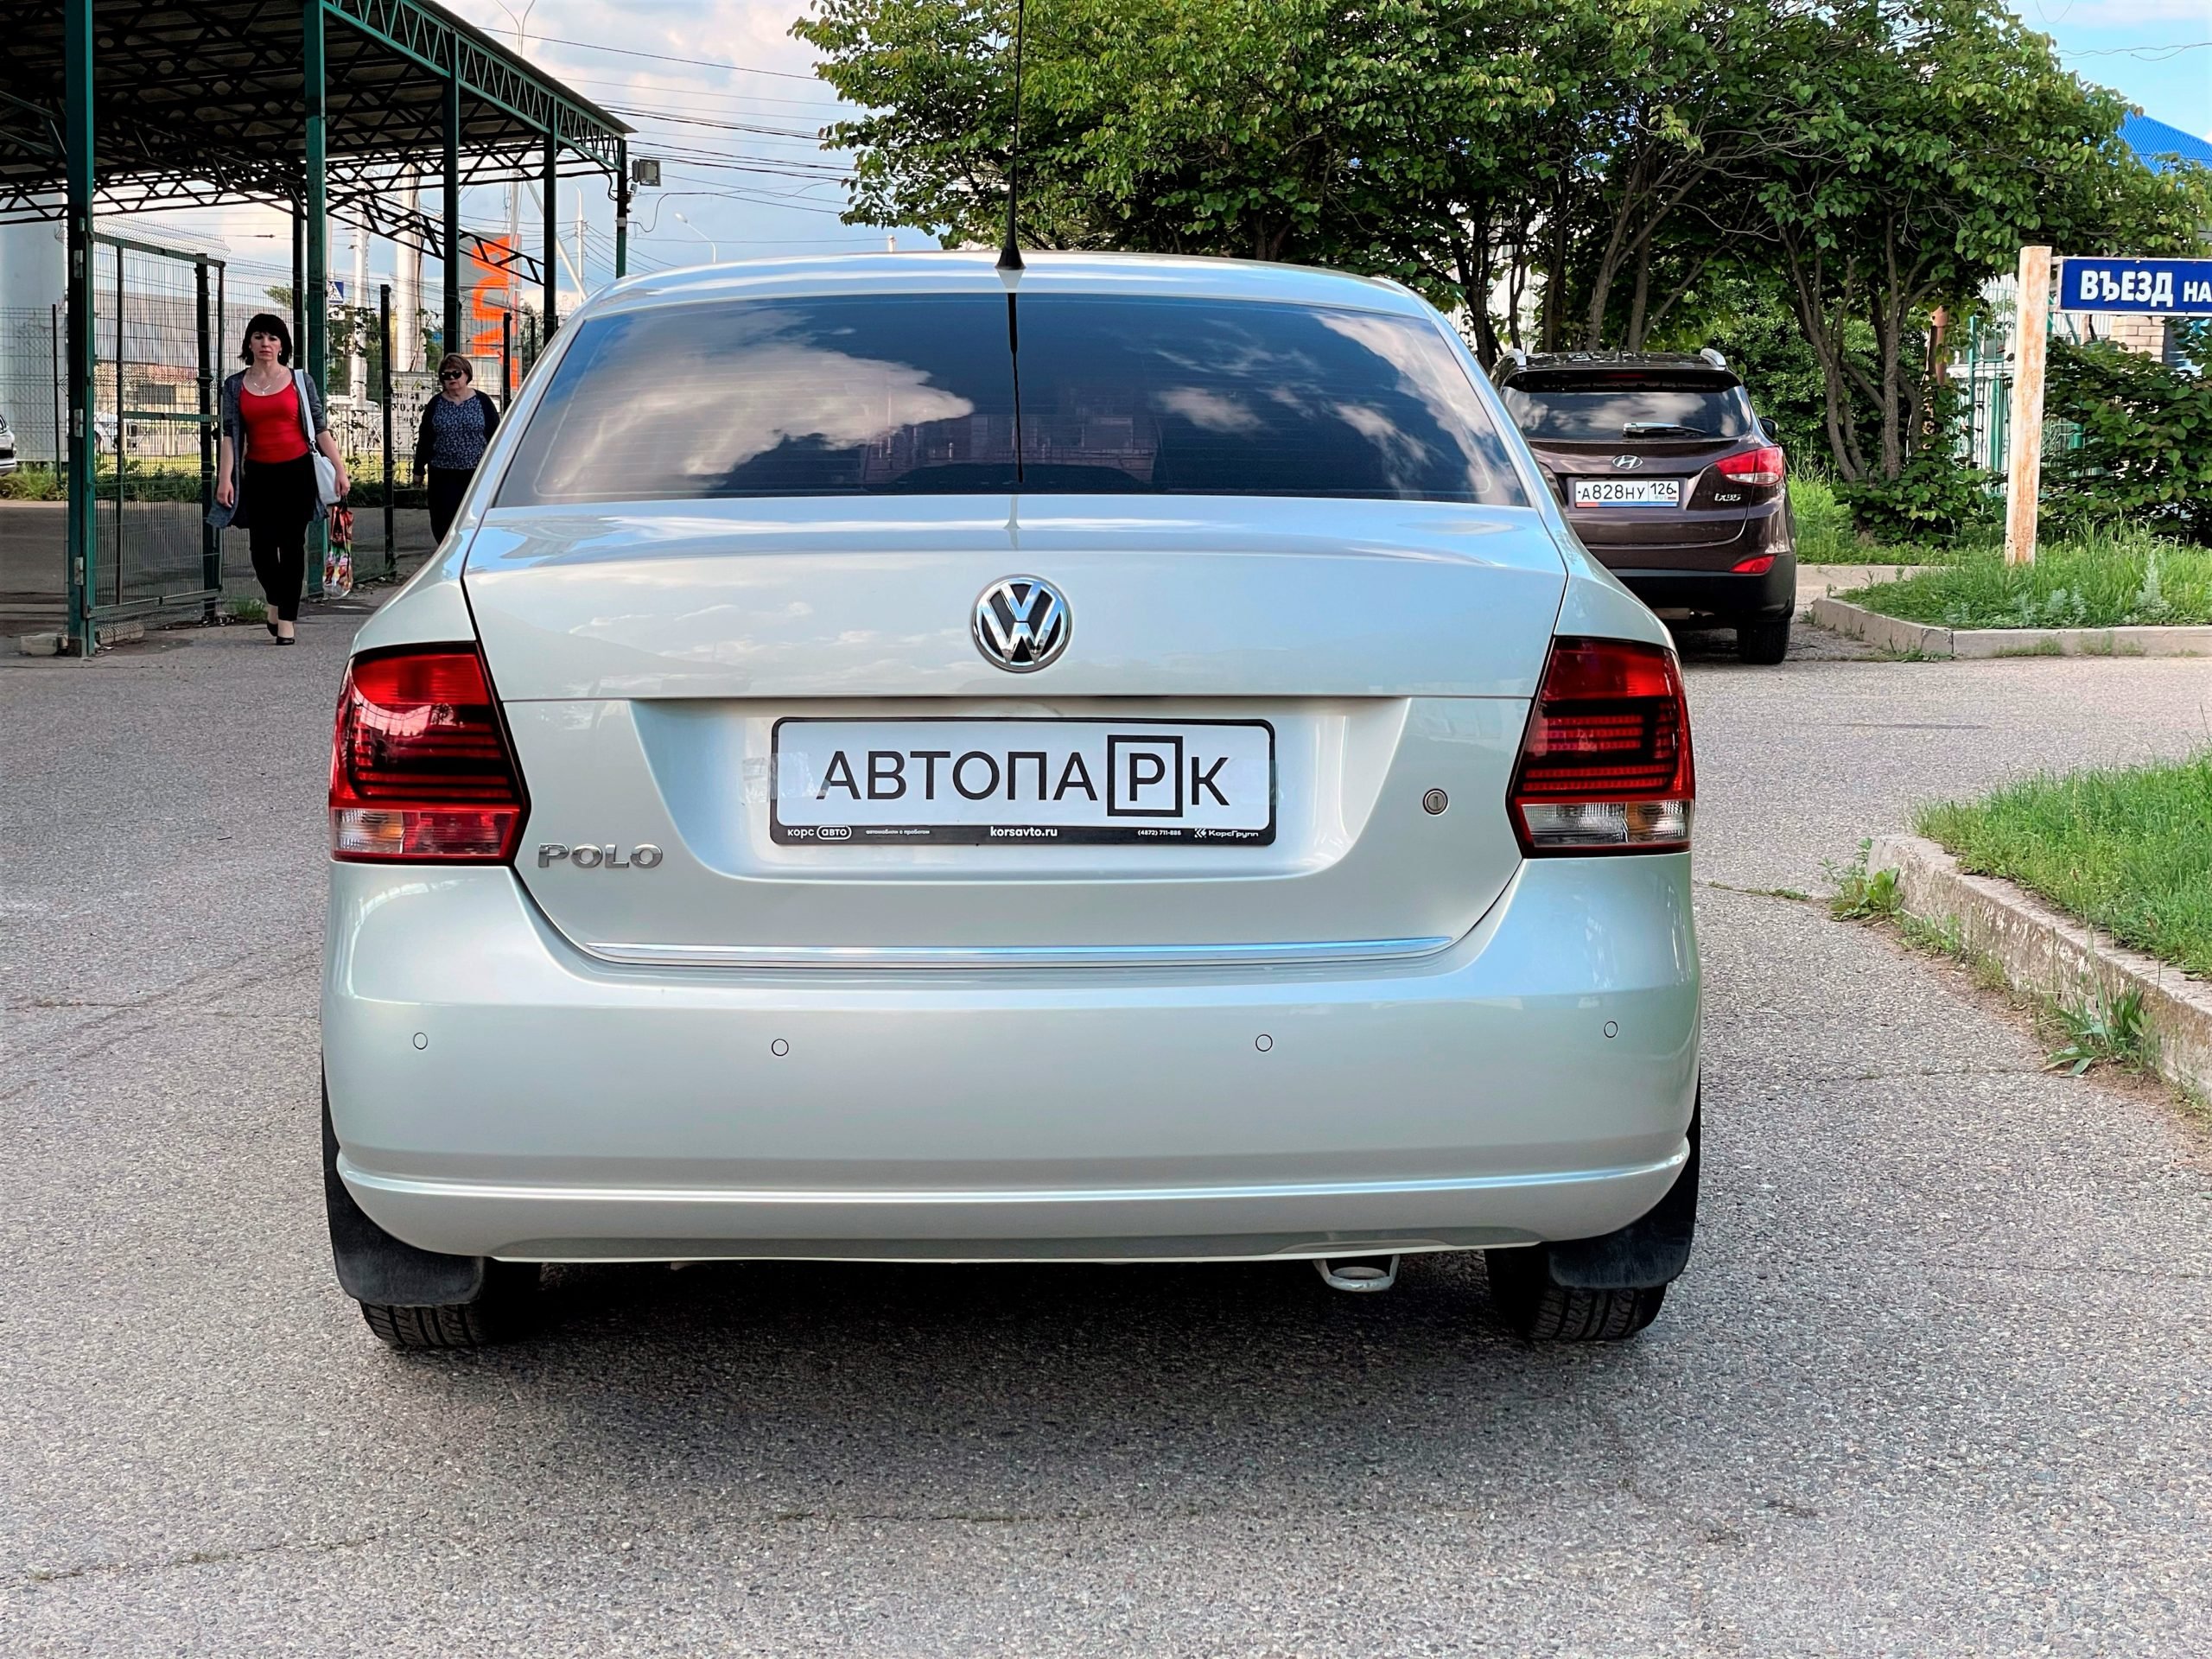 Купить Volkswagen Polo (Серебристо-жёлтый) - Автопарк Ставрополь